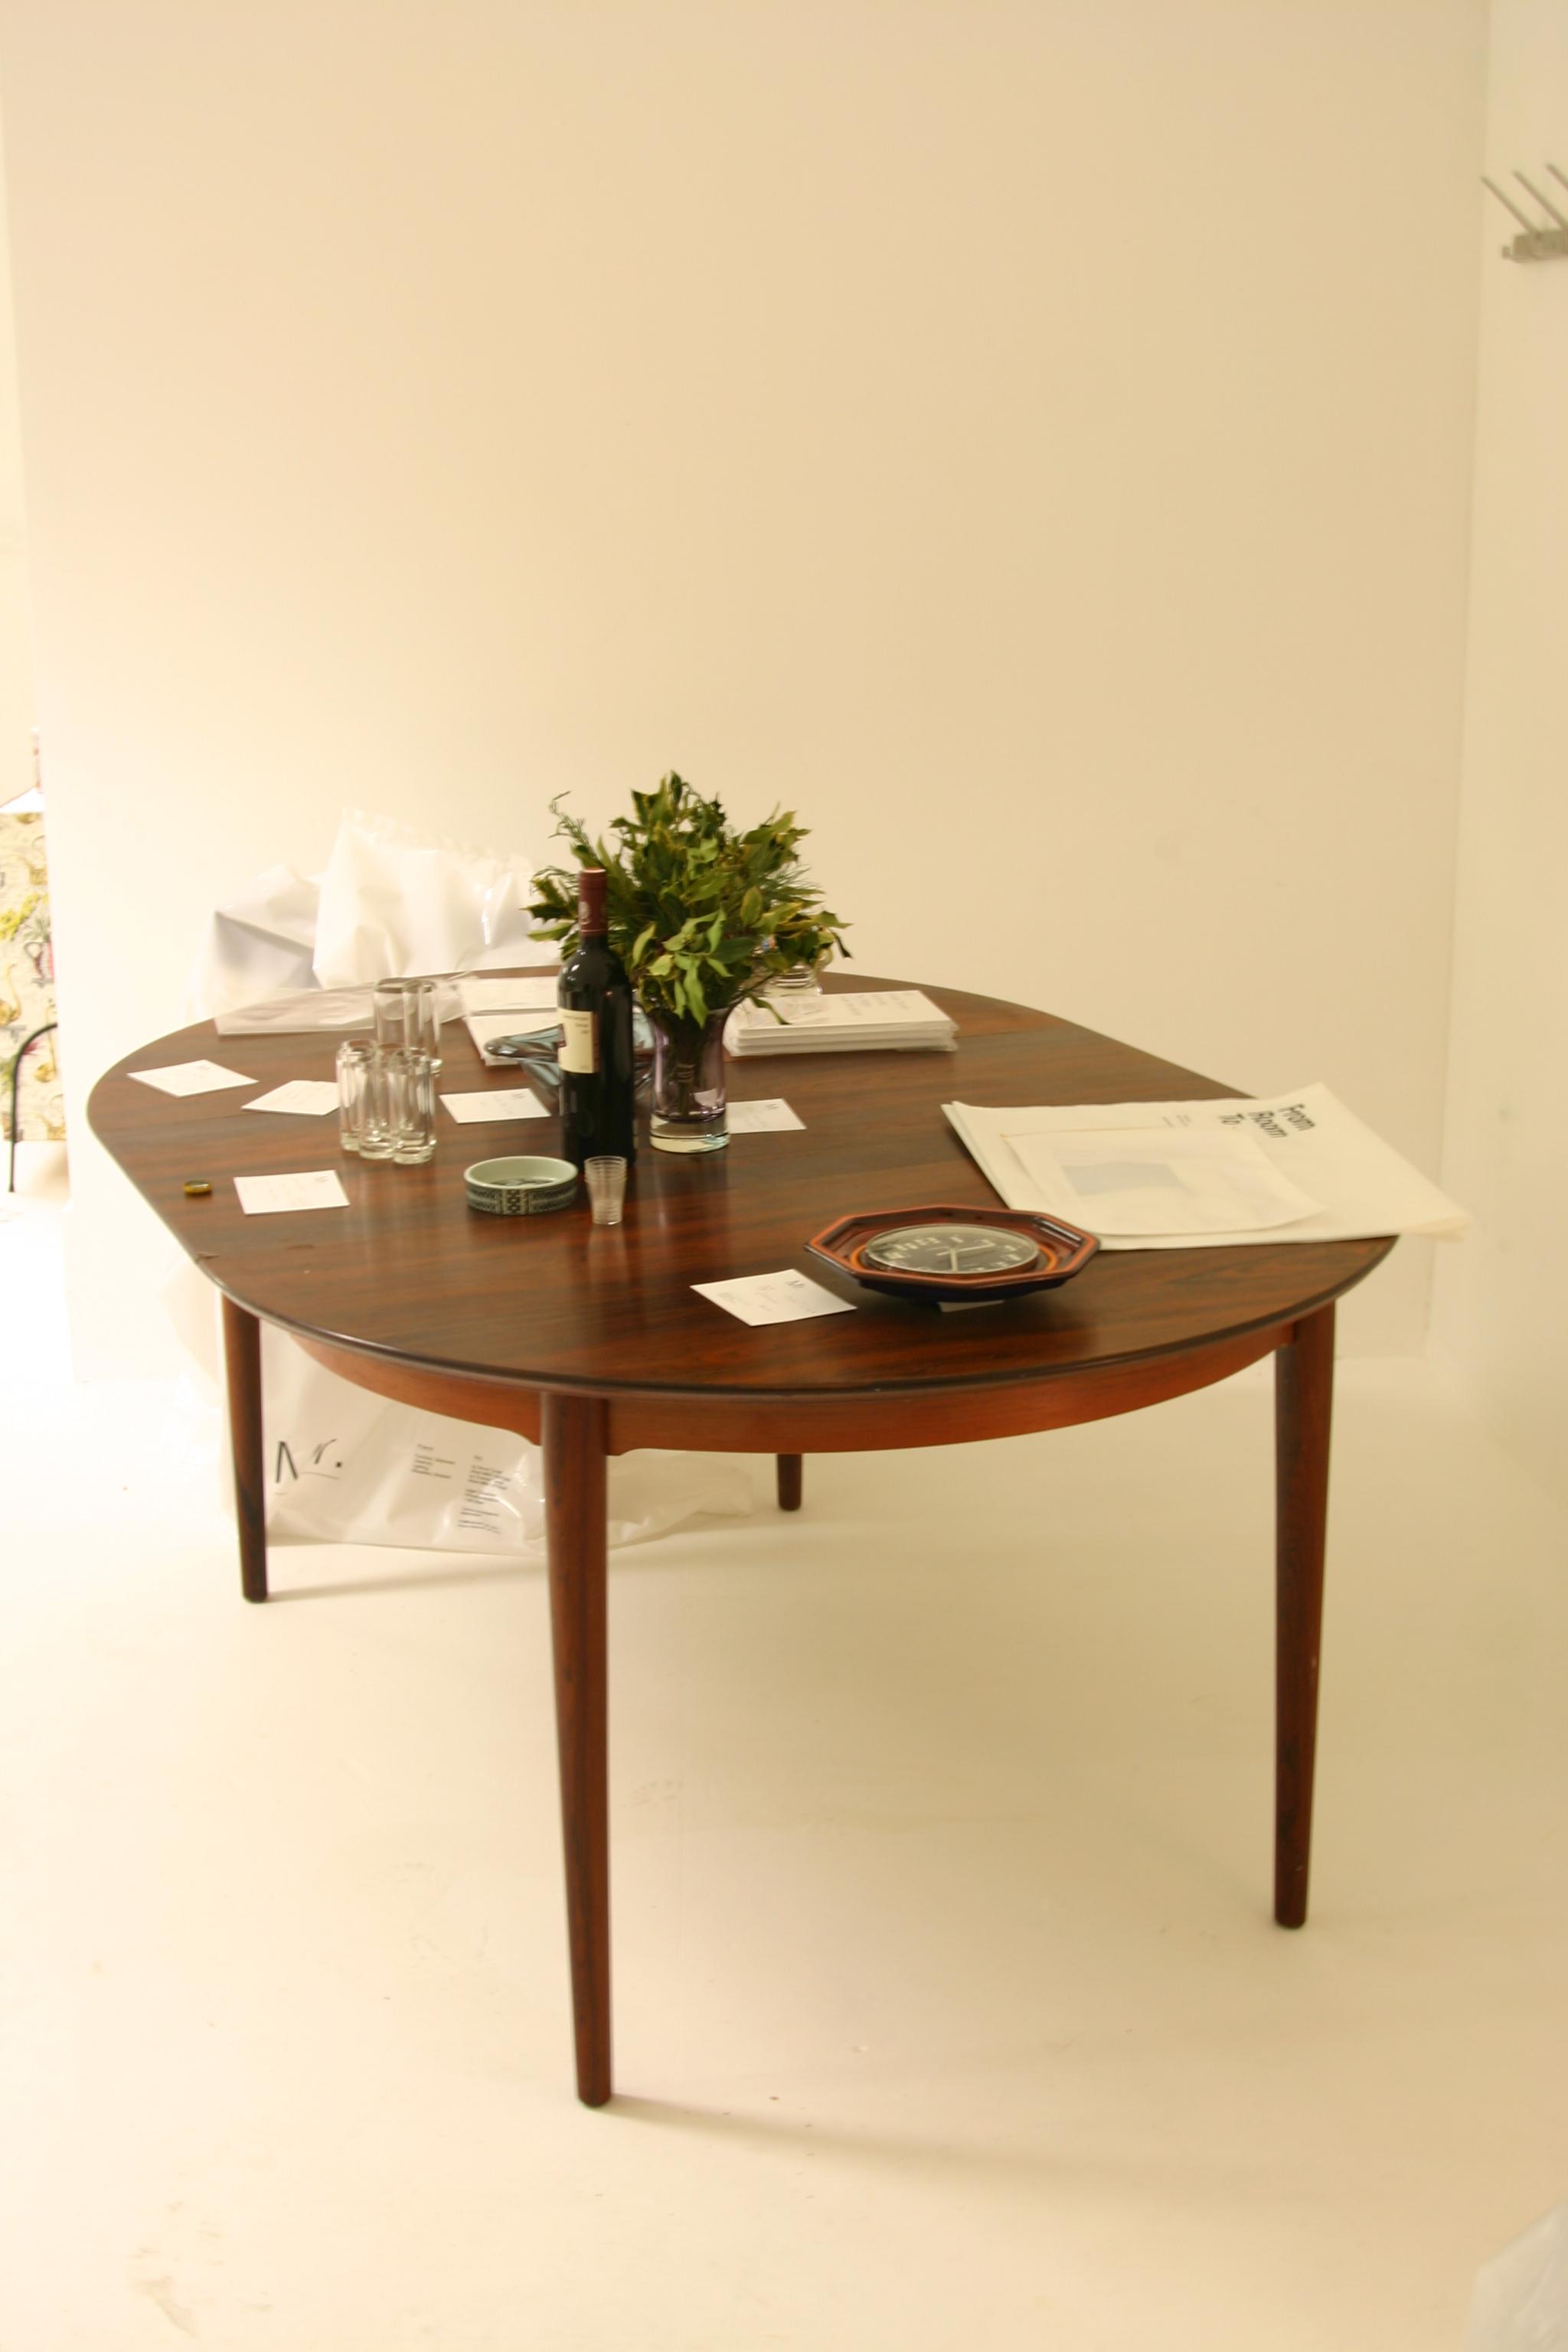 Arne  Vodder  Danish extending table SOLD